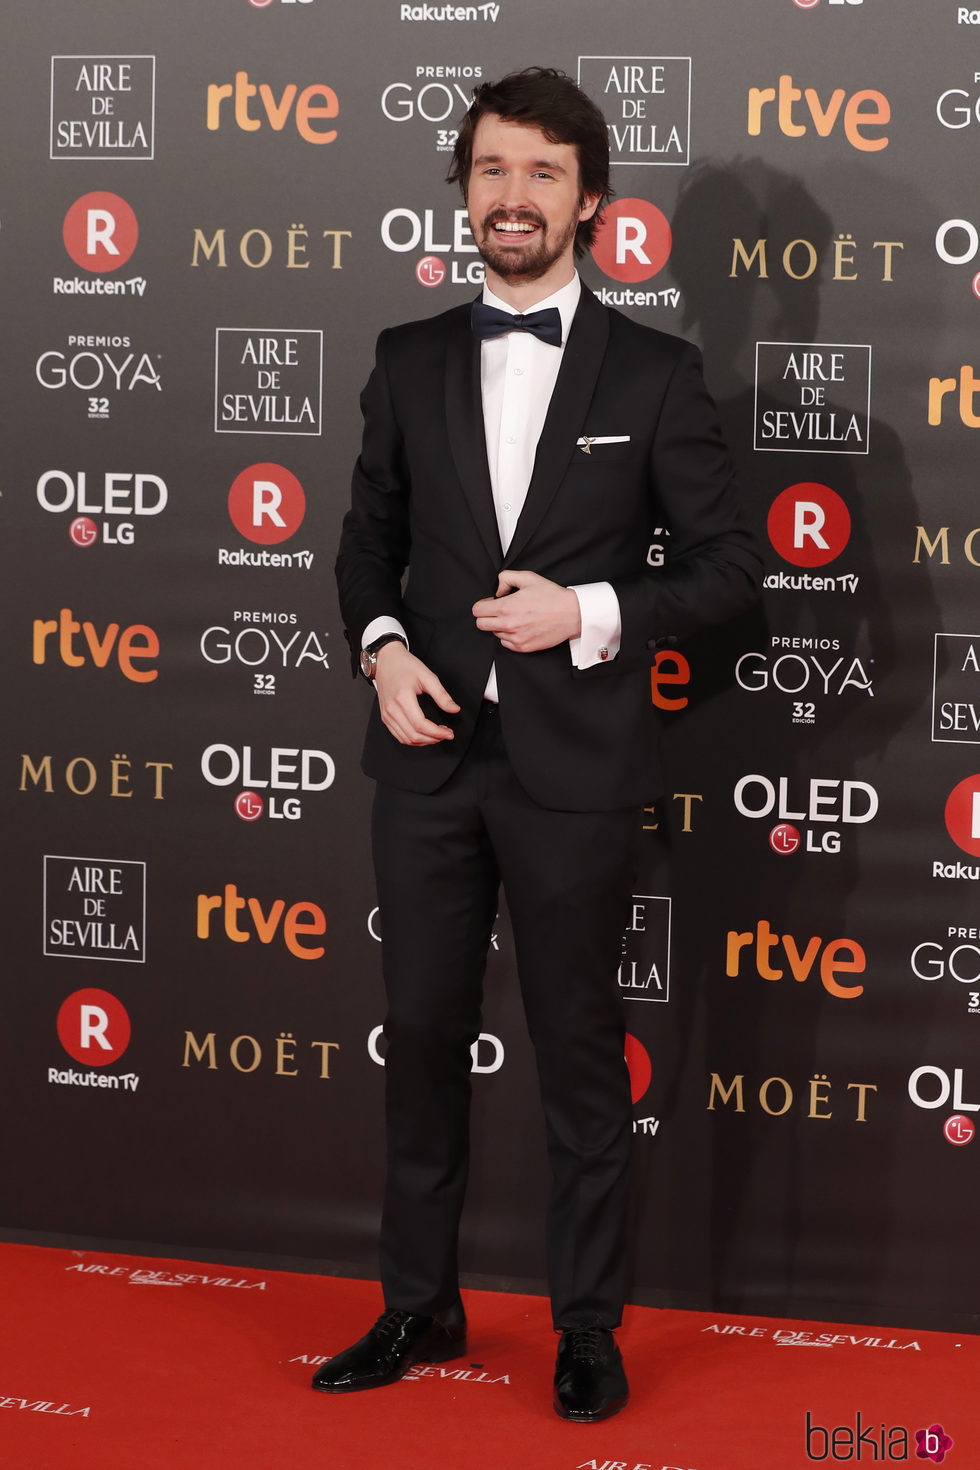 Santiago Alver En La Alfombra Roja De Los Premios Goya